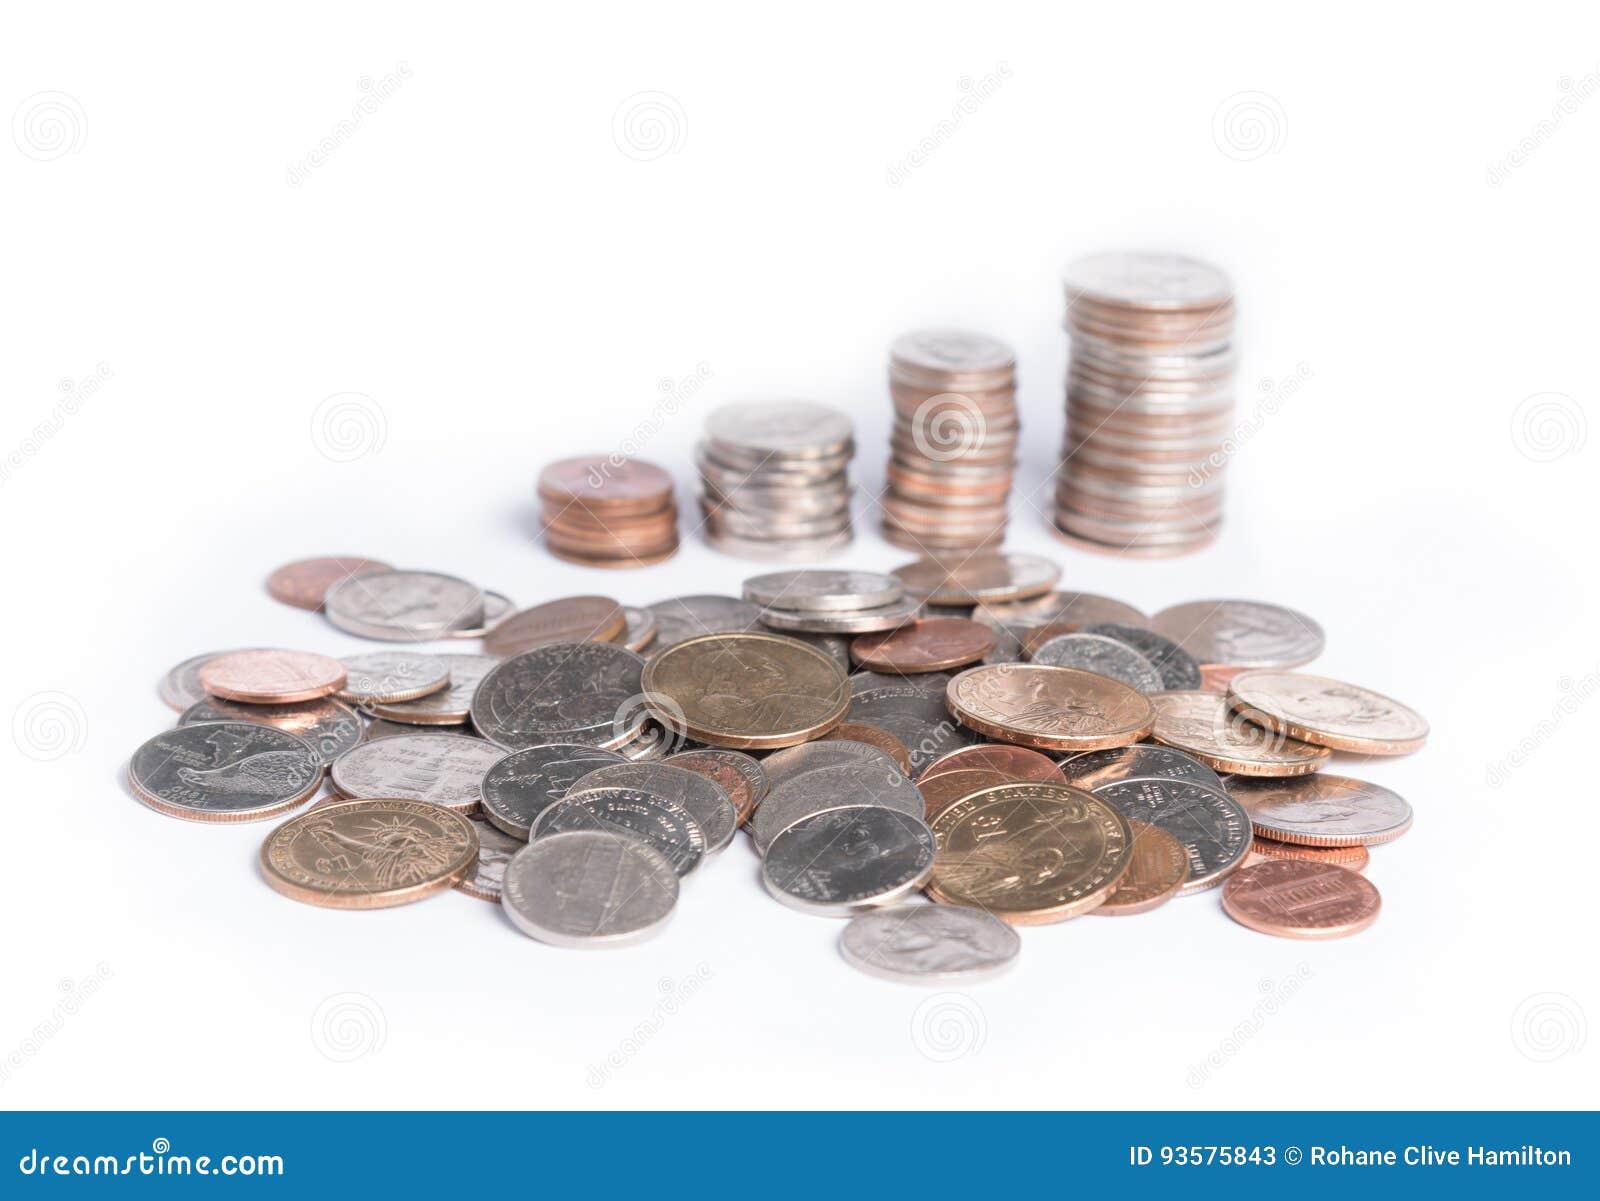 Stapels muntstukken op een witte achtergrond